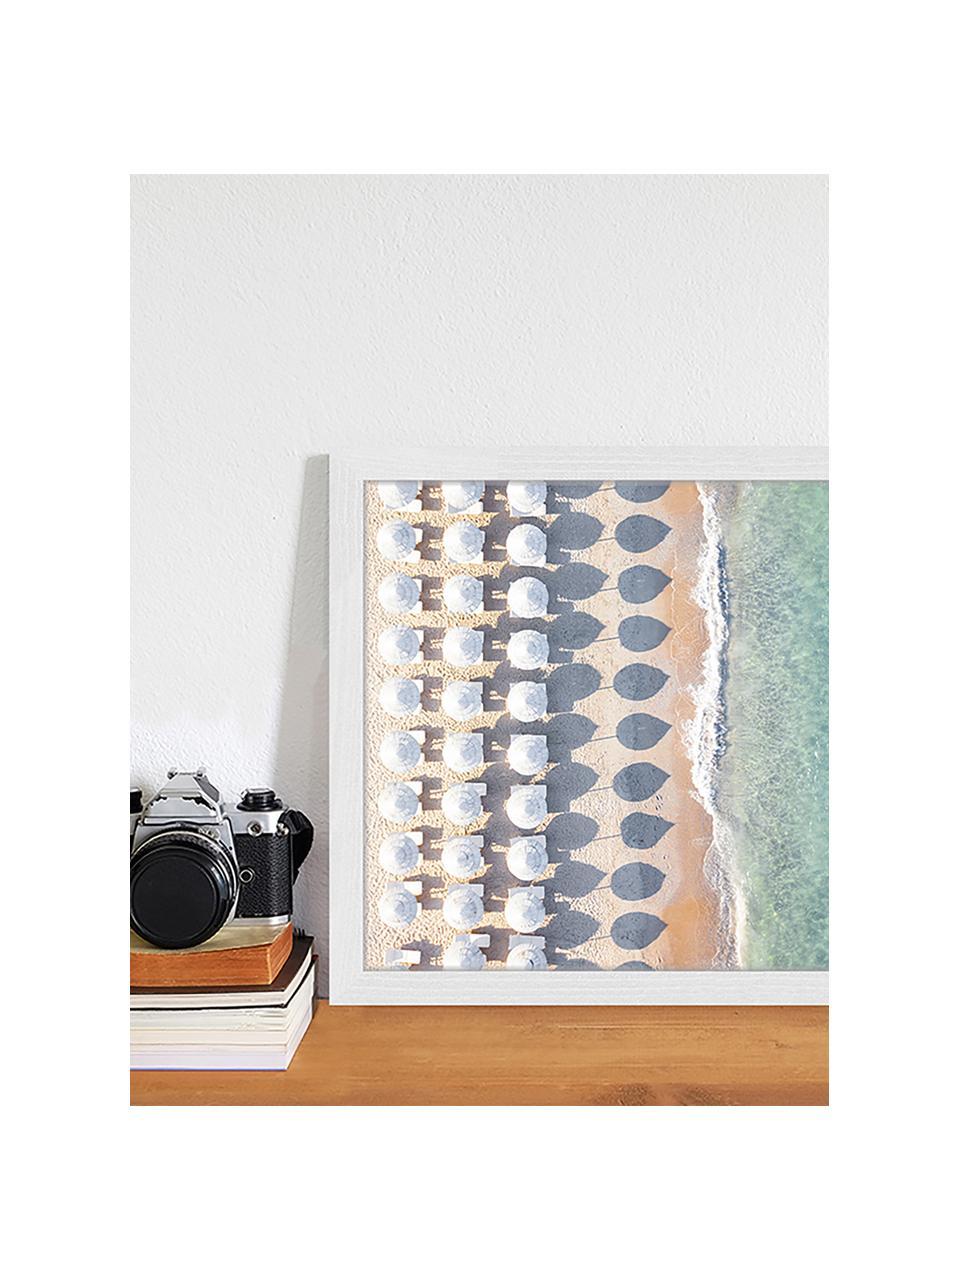 Stampa digitale incorniciata Aerial View With Umbrellas, Immagine: stampa digitale su carta,, Cornice: legno verniciato, Multicolore, Larg. 43 x Alt. 33 cm